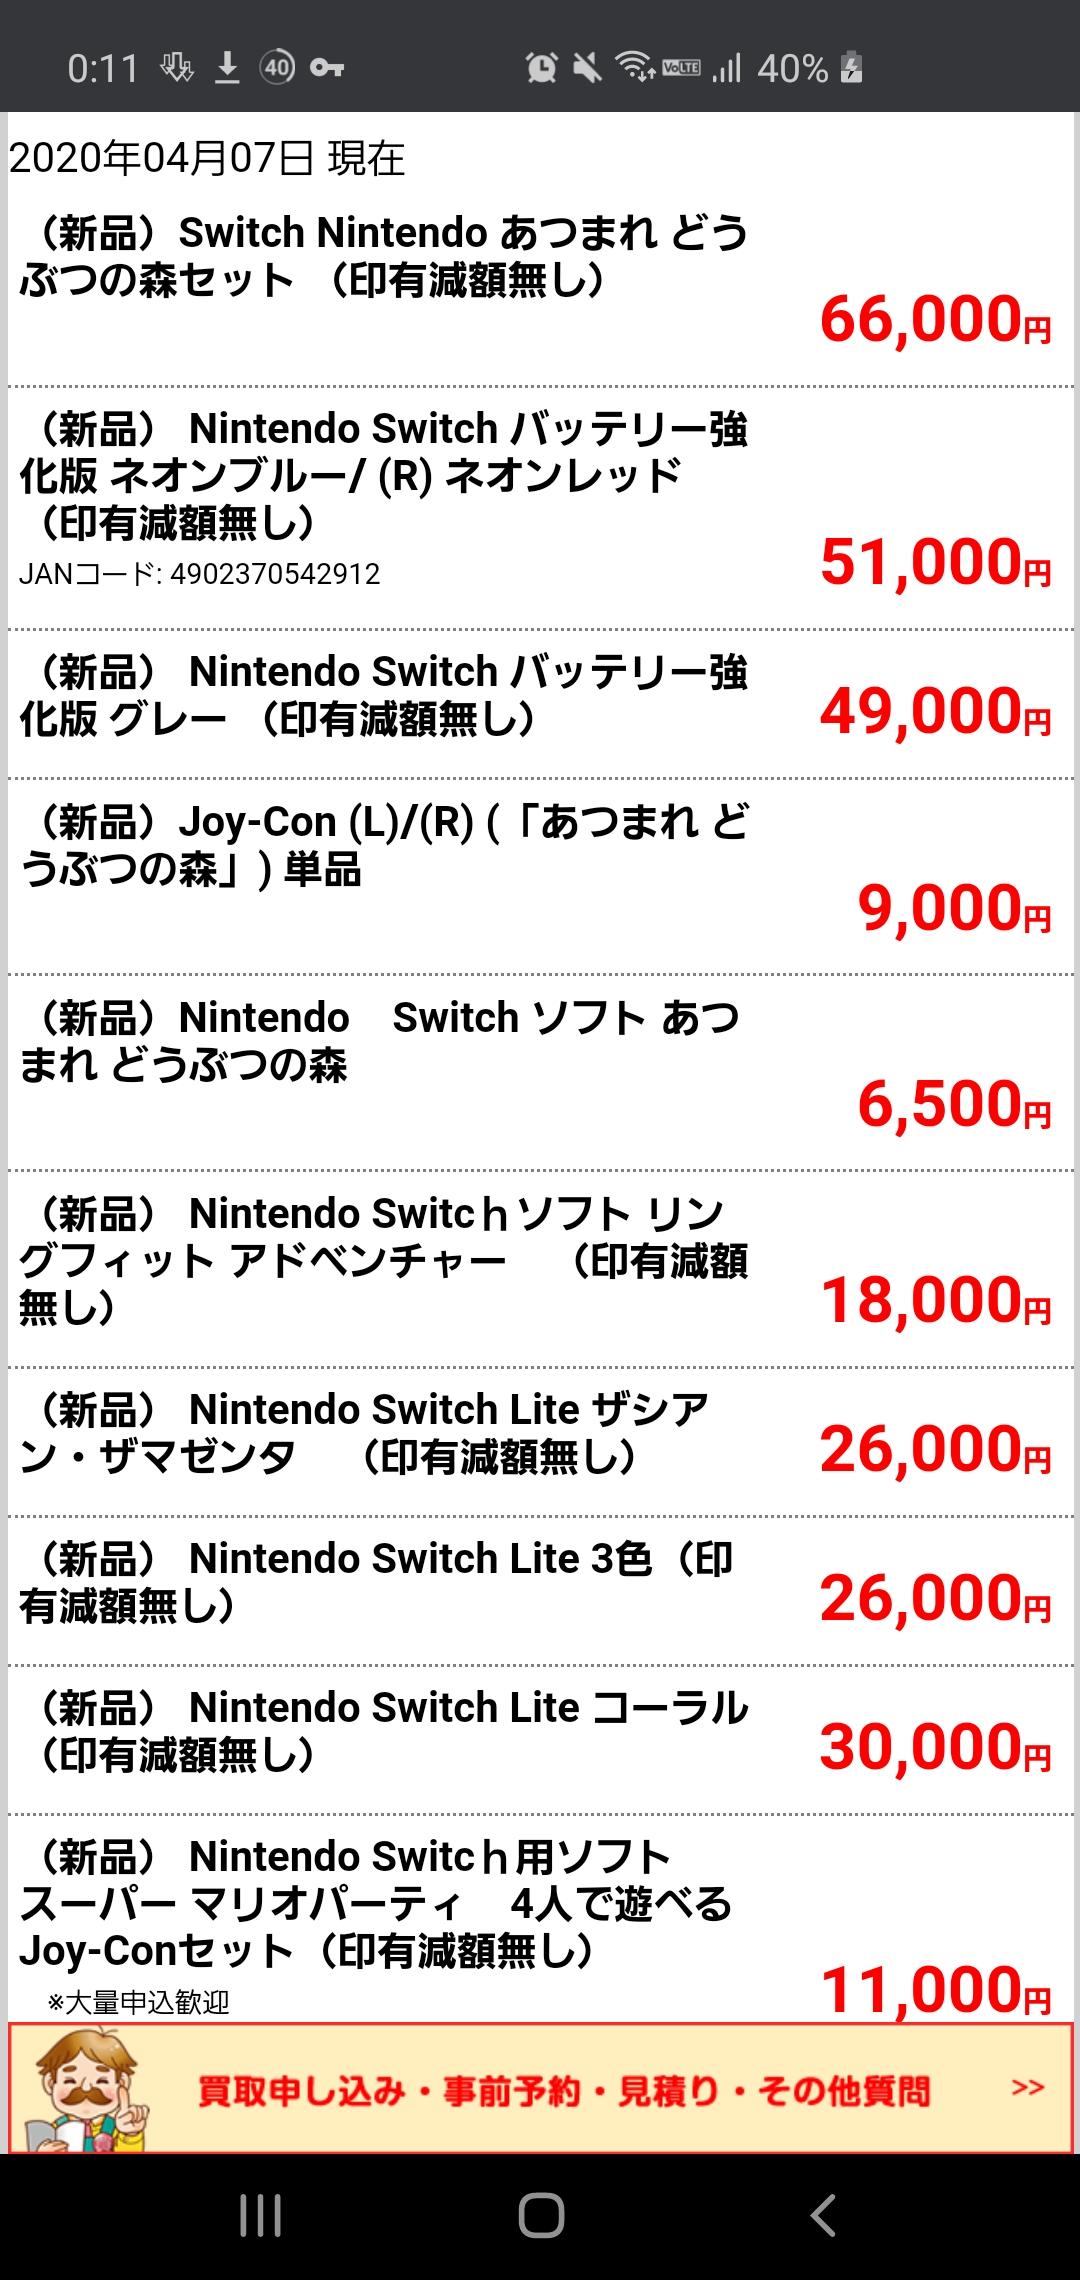 2 7 - 【悲報】Switch本体、コロナの影響で価格がとんでもなく上昇してしまう、それでもバカ売れ中